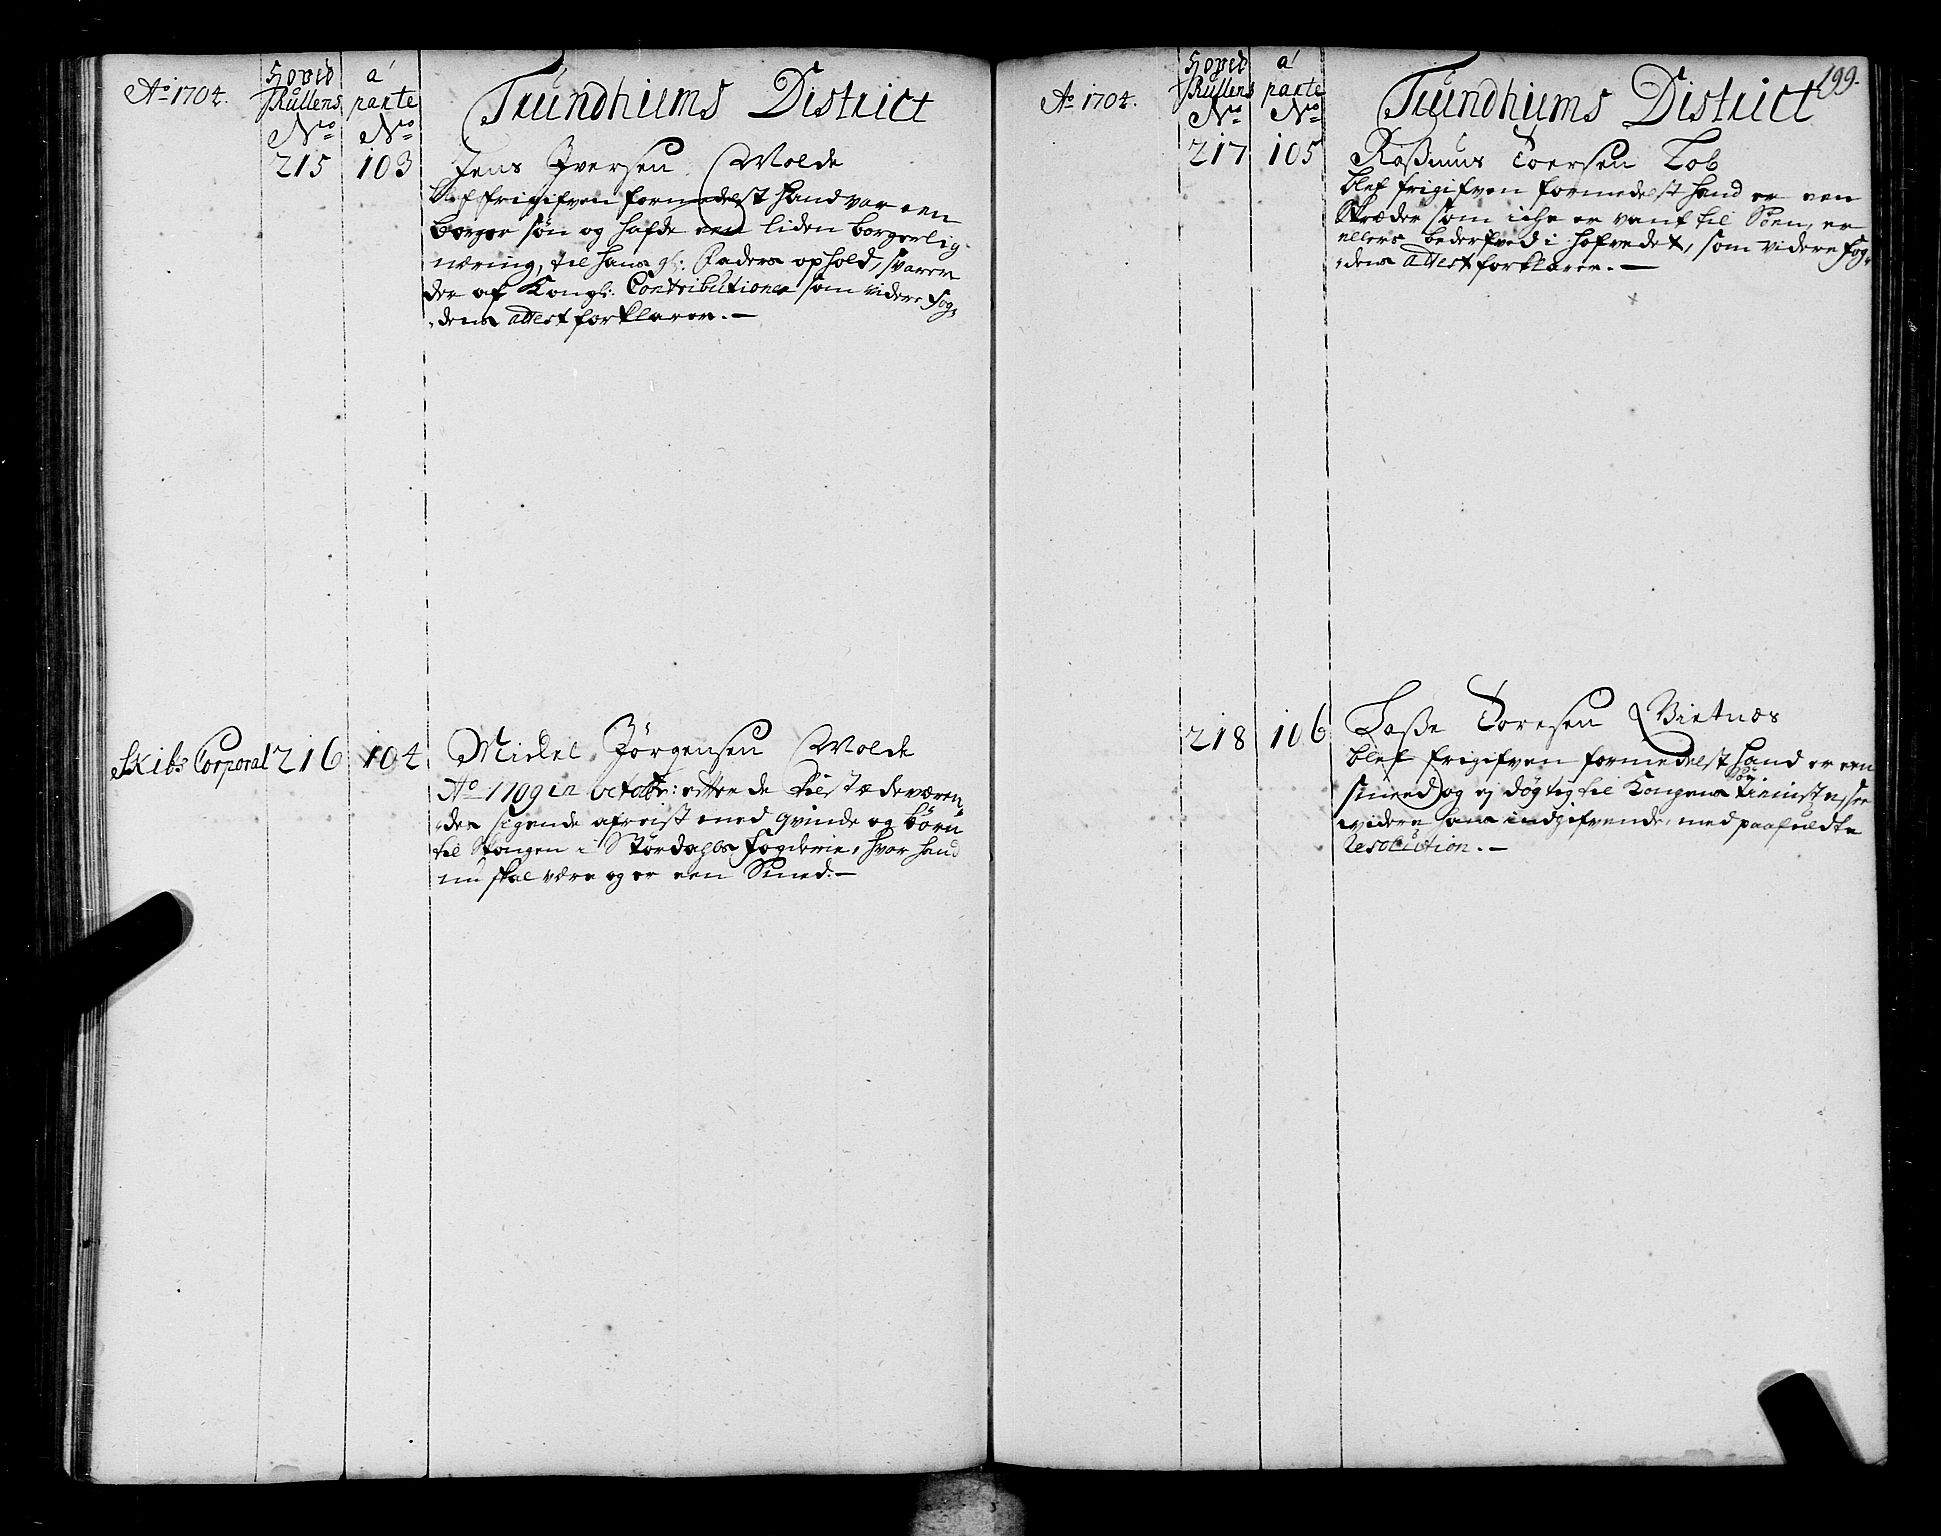 SAT, Sjøinnrulleringen - Trondhjemske distrikt, 01/L0004: Ruller over sjøfolk i Trondhjem by, 1704-1710, s. 199